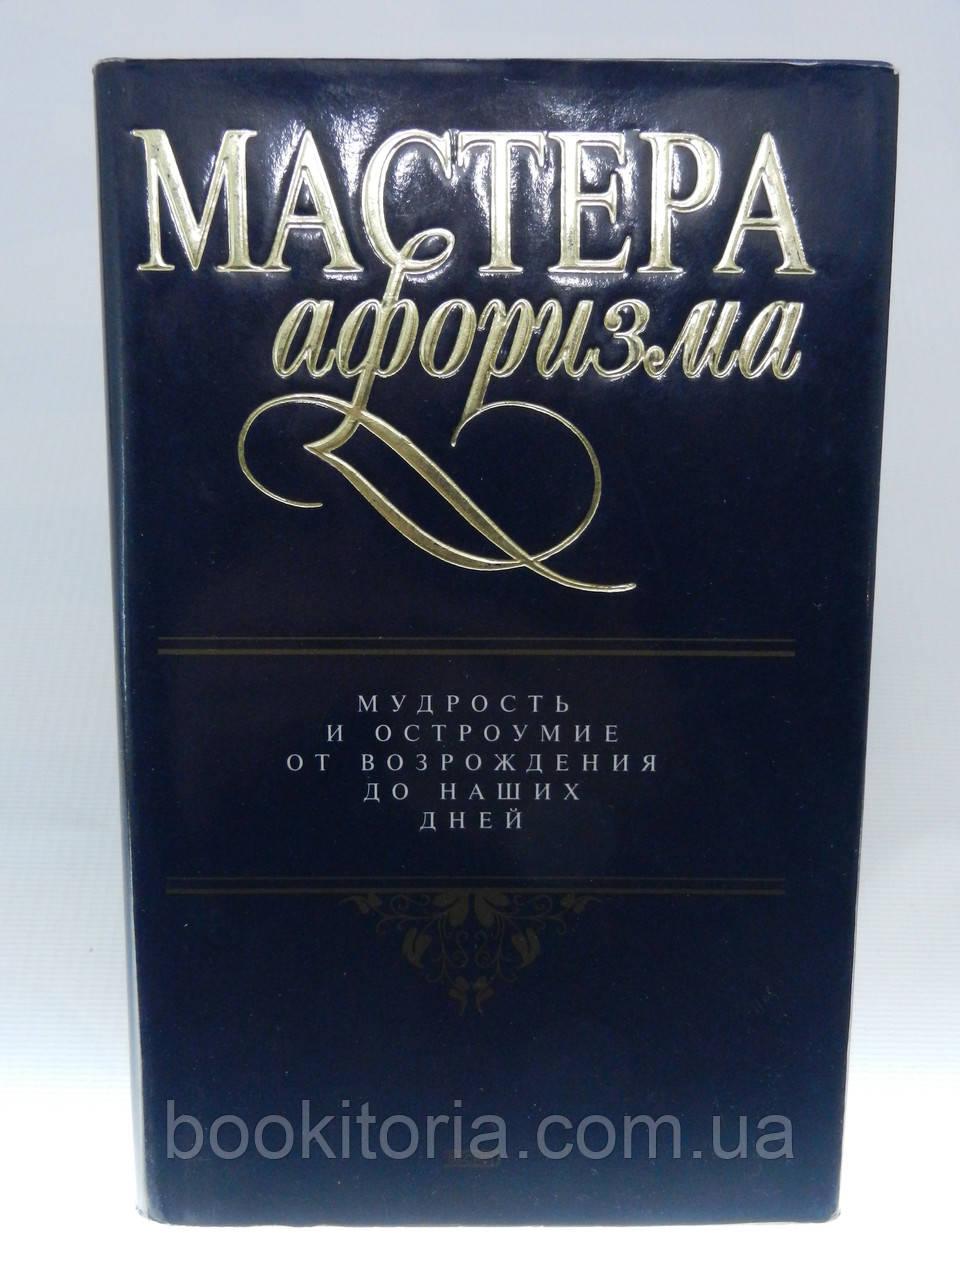 Мастера афоризма (б/у).